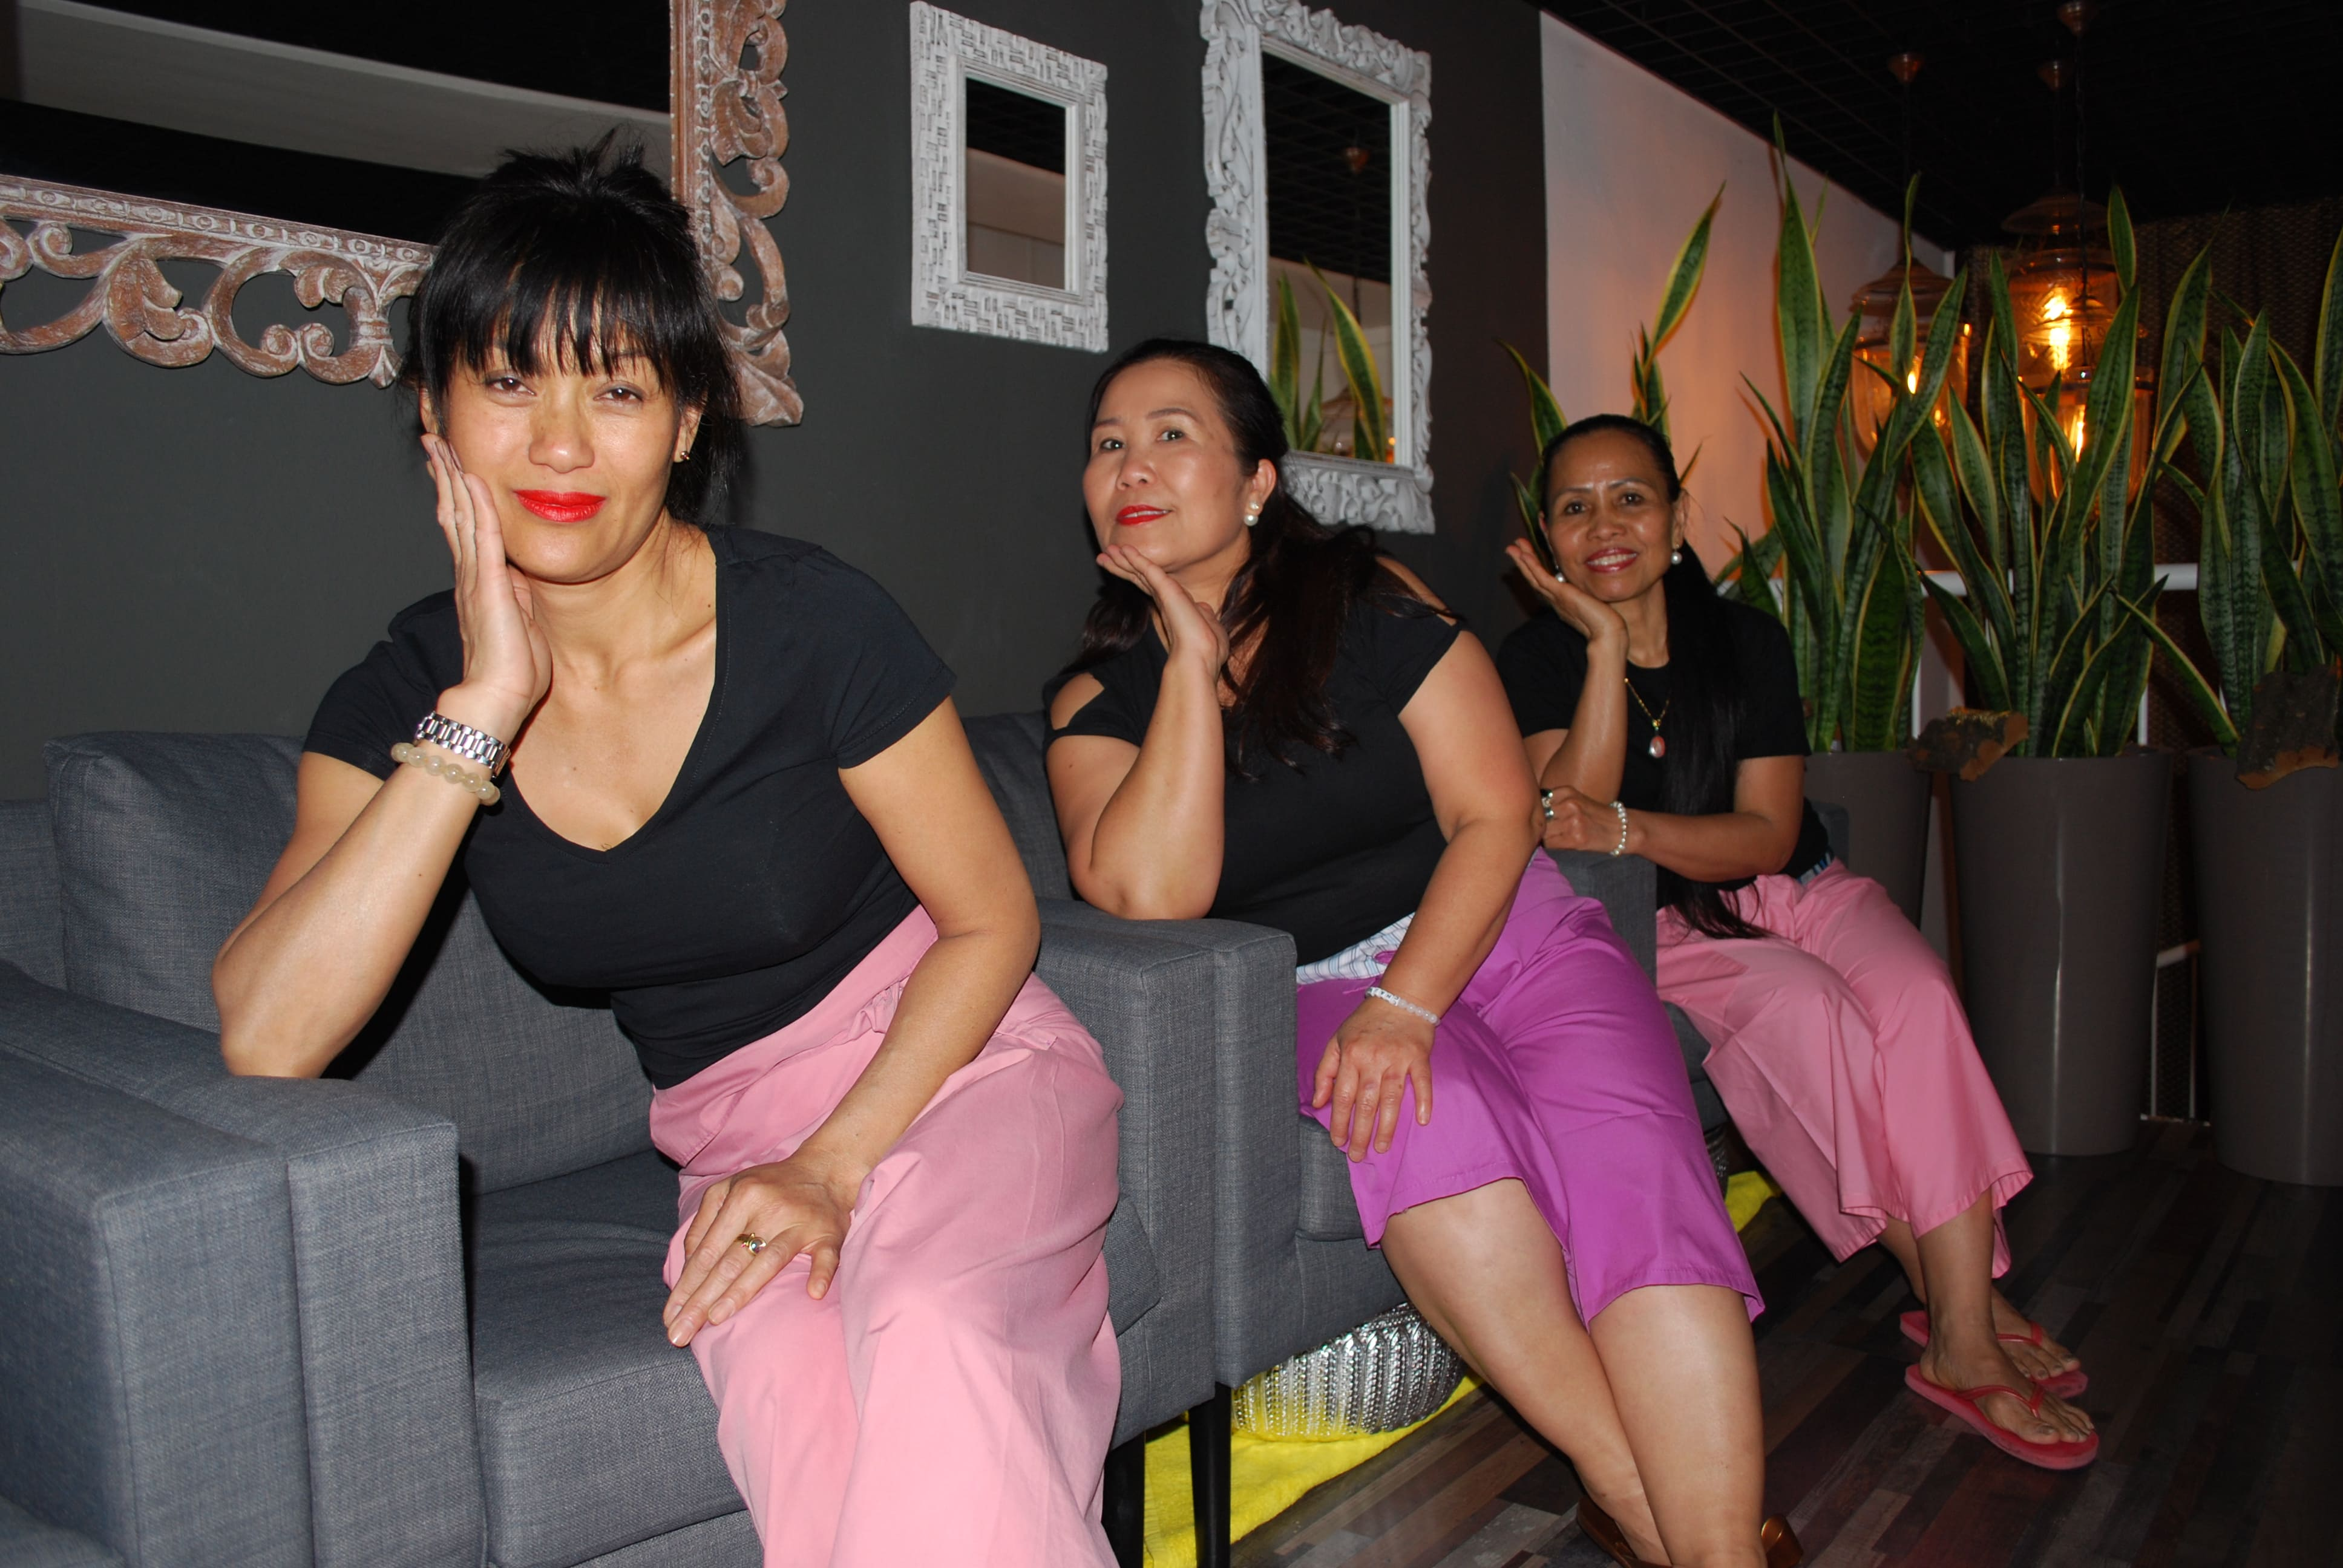 Thaimassage wiesbaden